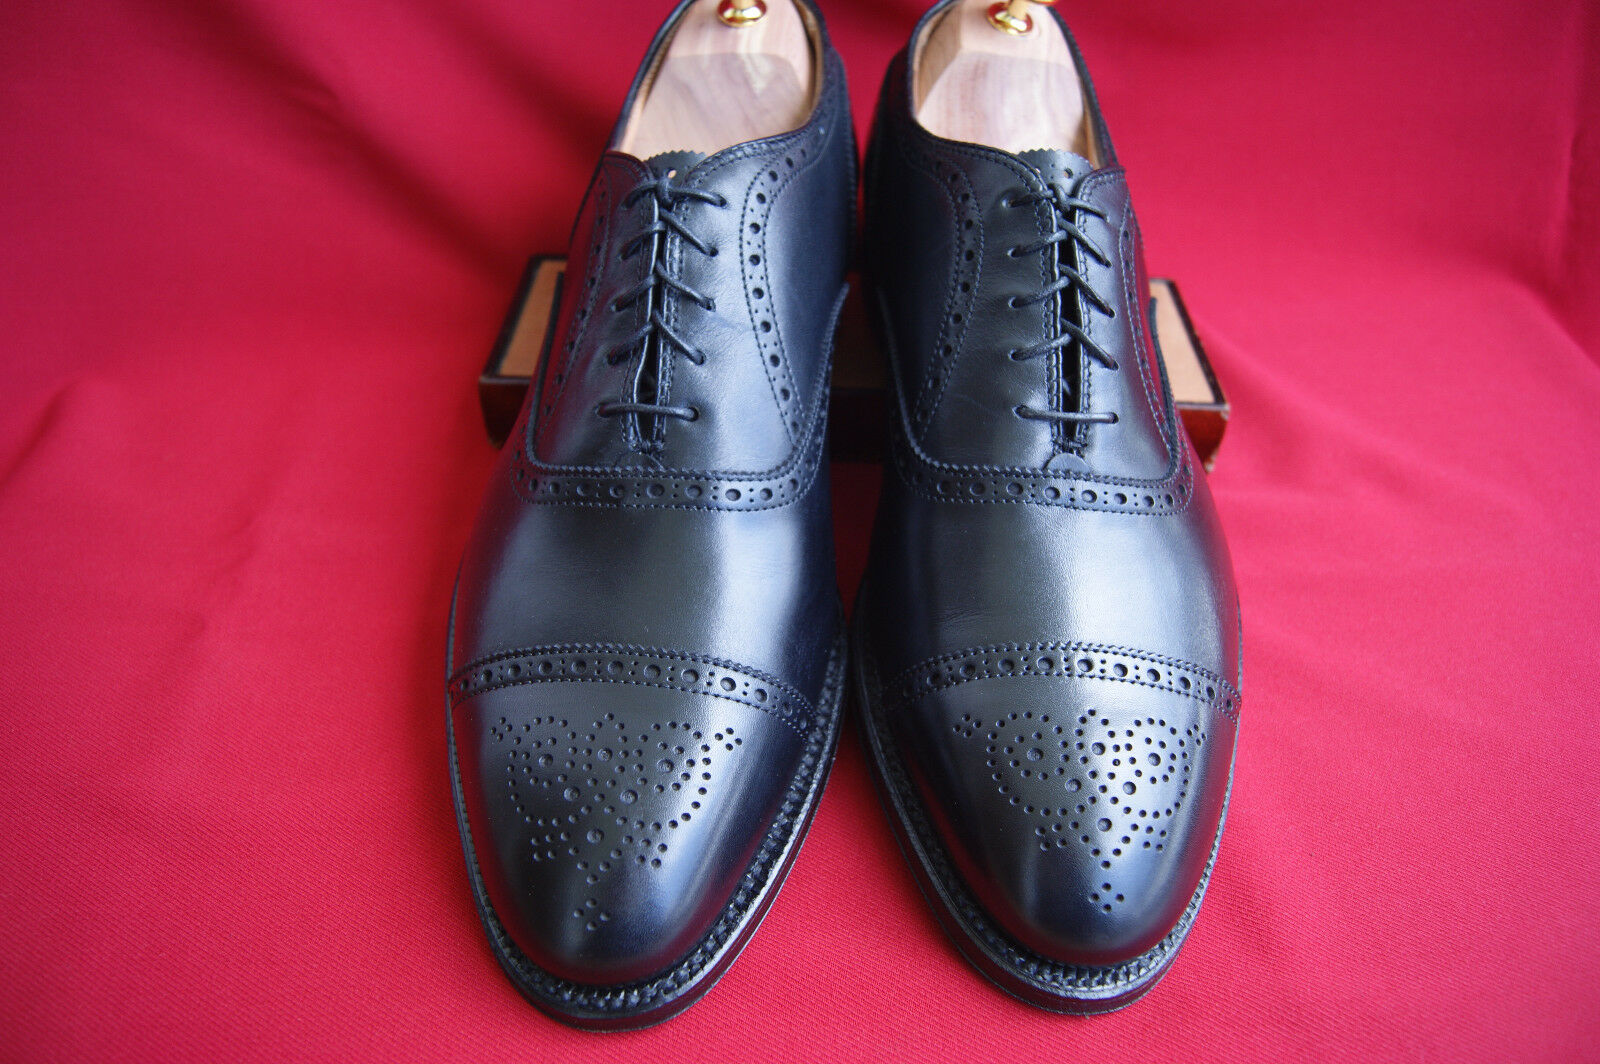 Alden US Gr. 11 D  Medallion Tip Bal   Oxford Business Schuh TOP  + Schuhspanner